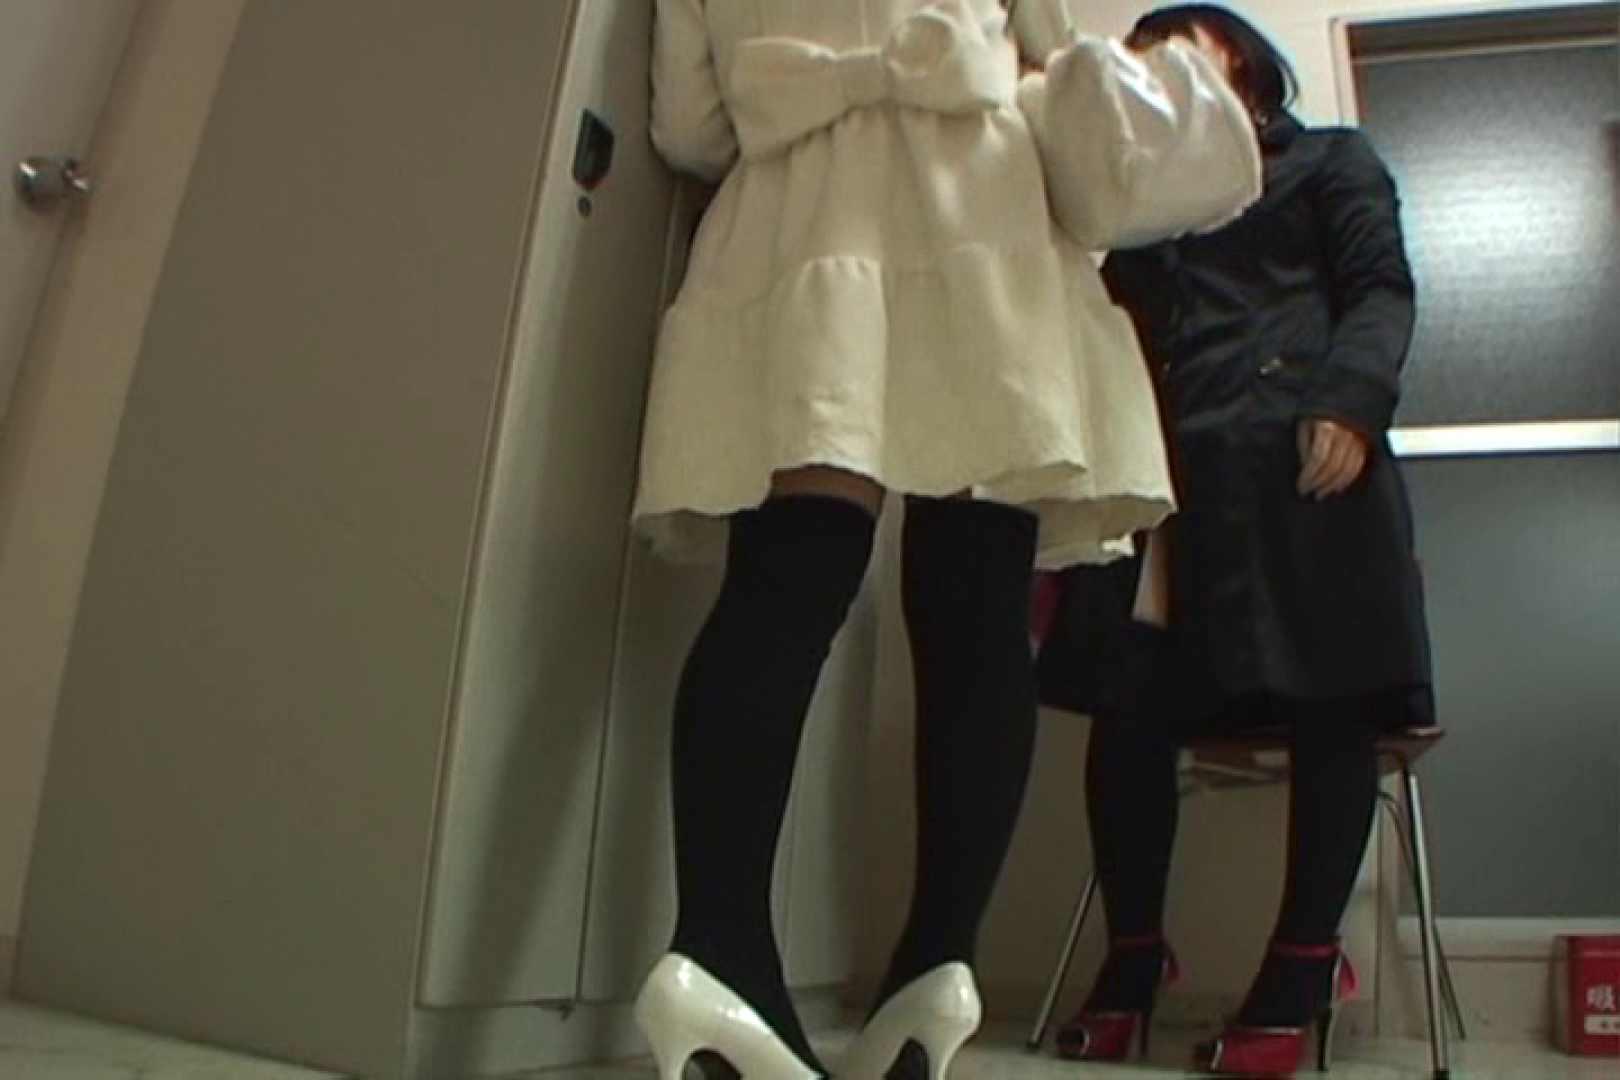 キャバ嬢舞台裏Vol.6 現役ギャル AV無料動画キャプチャ 96pic 6